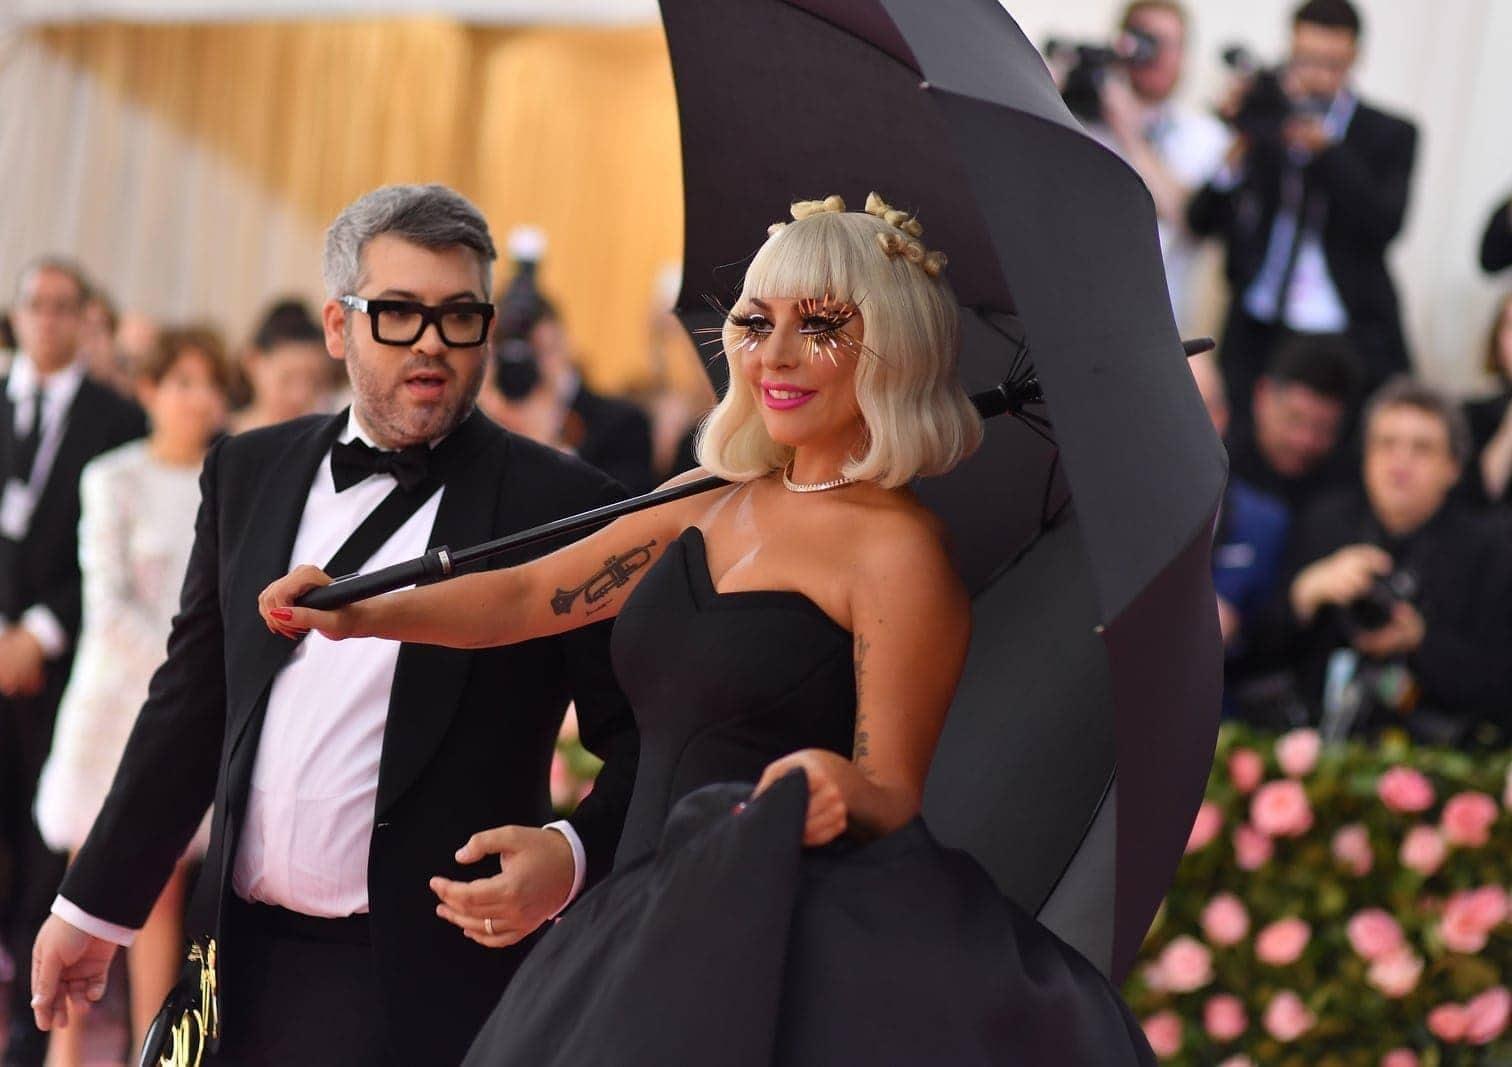 vom meterlangen pinkfarbenen Kleid mit Schleife im Haar bis zu schwarzer Unterwäsche.</p> Foto: AFP/Angela Weiss